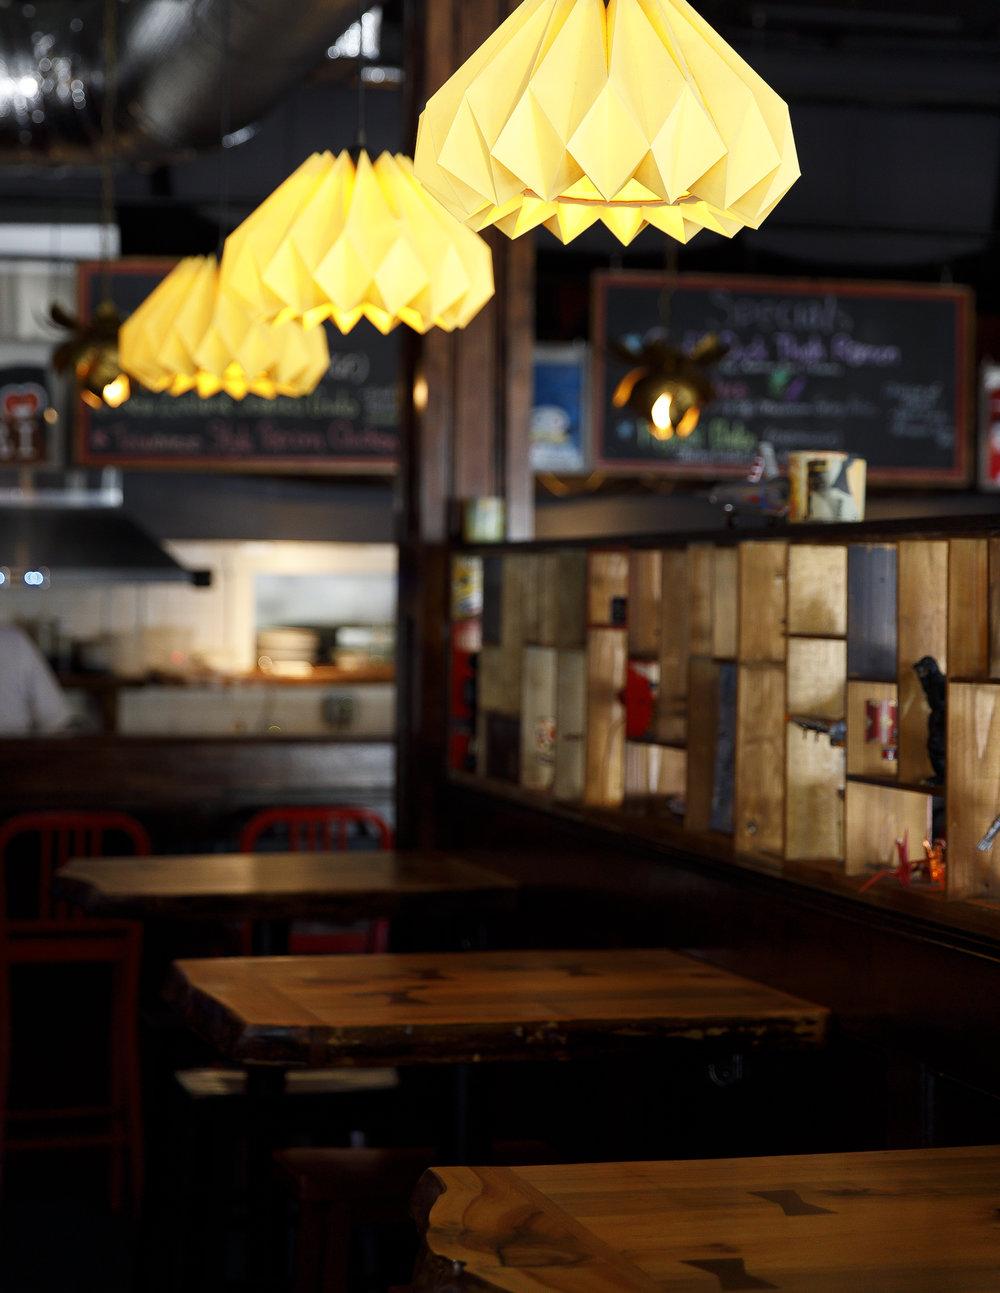 restaurantlightingcommercialinteriordesign.jpg